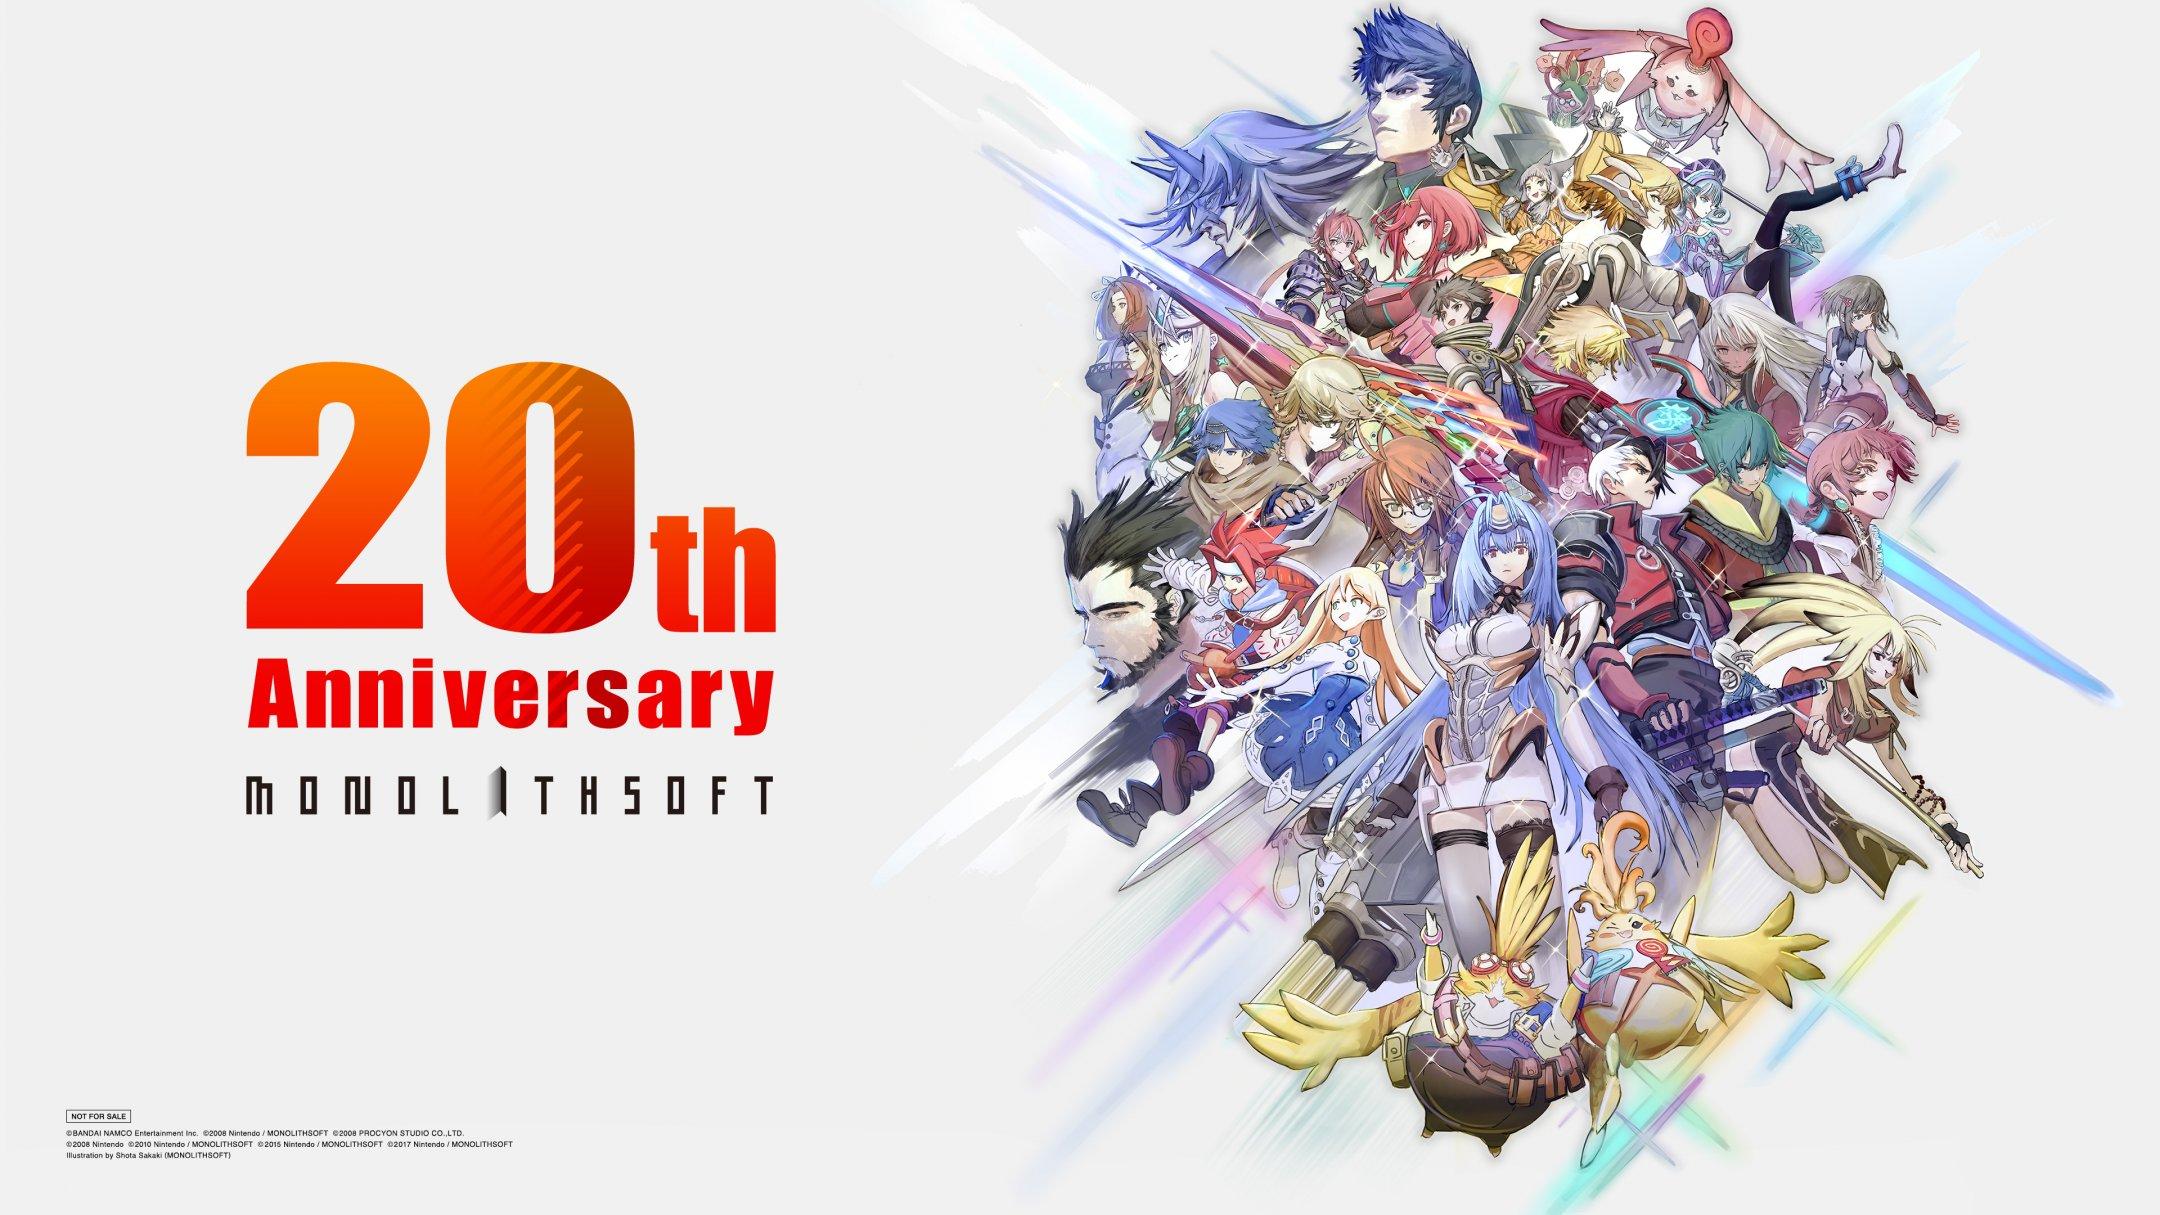 Xeno_Anniversary.jpg